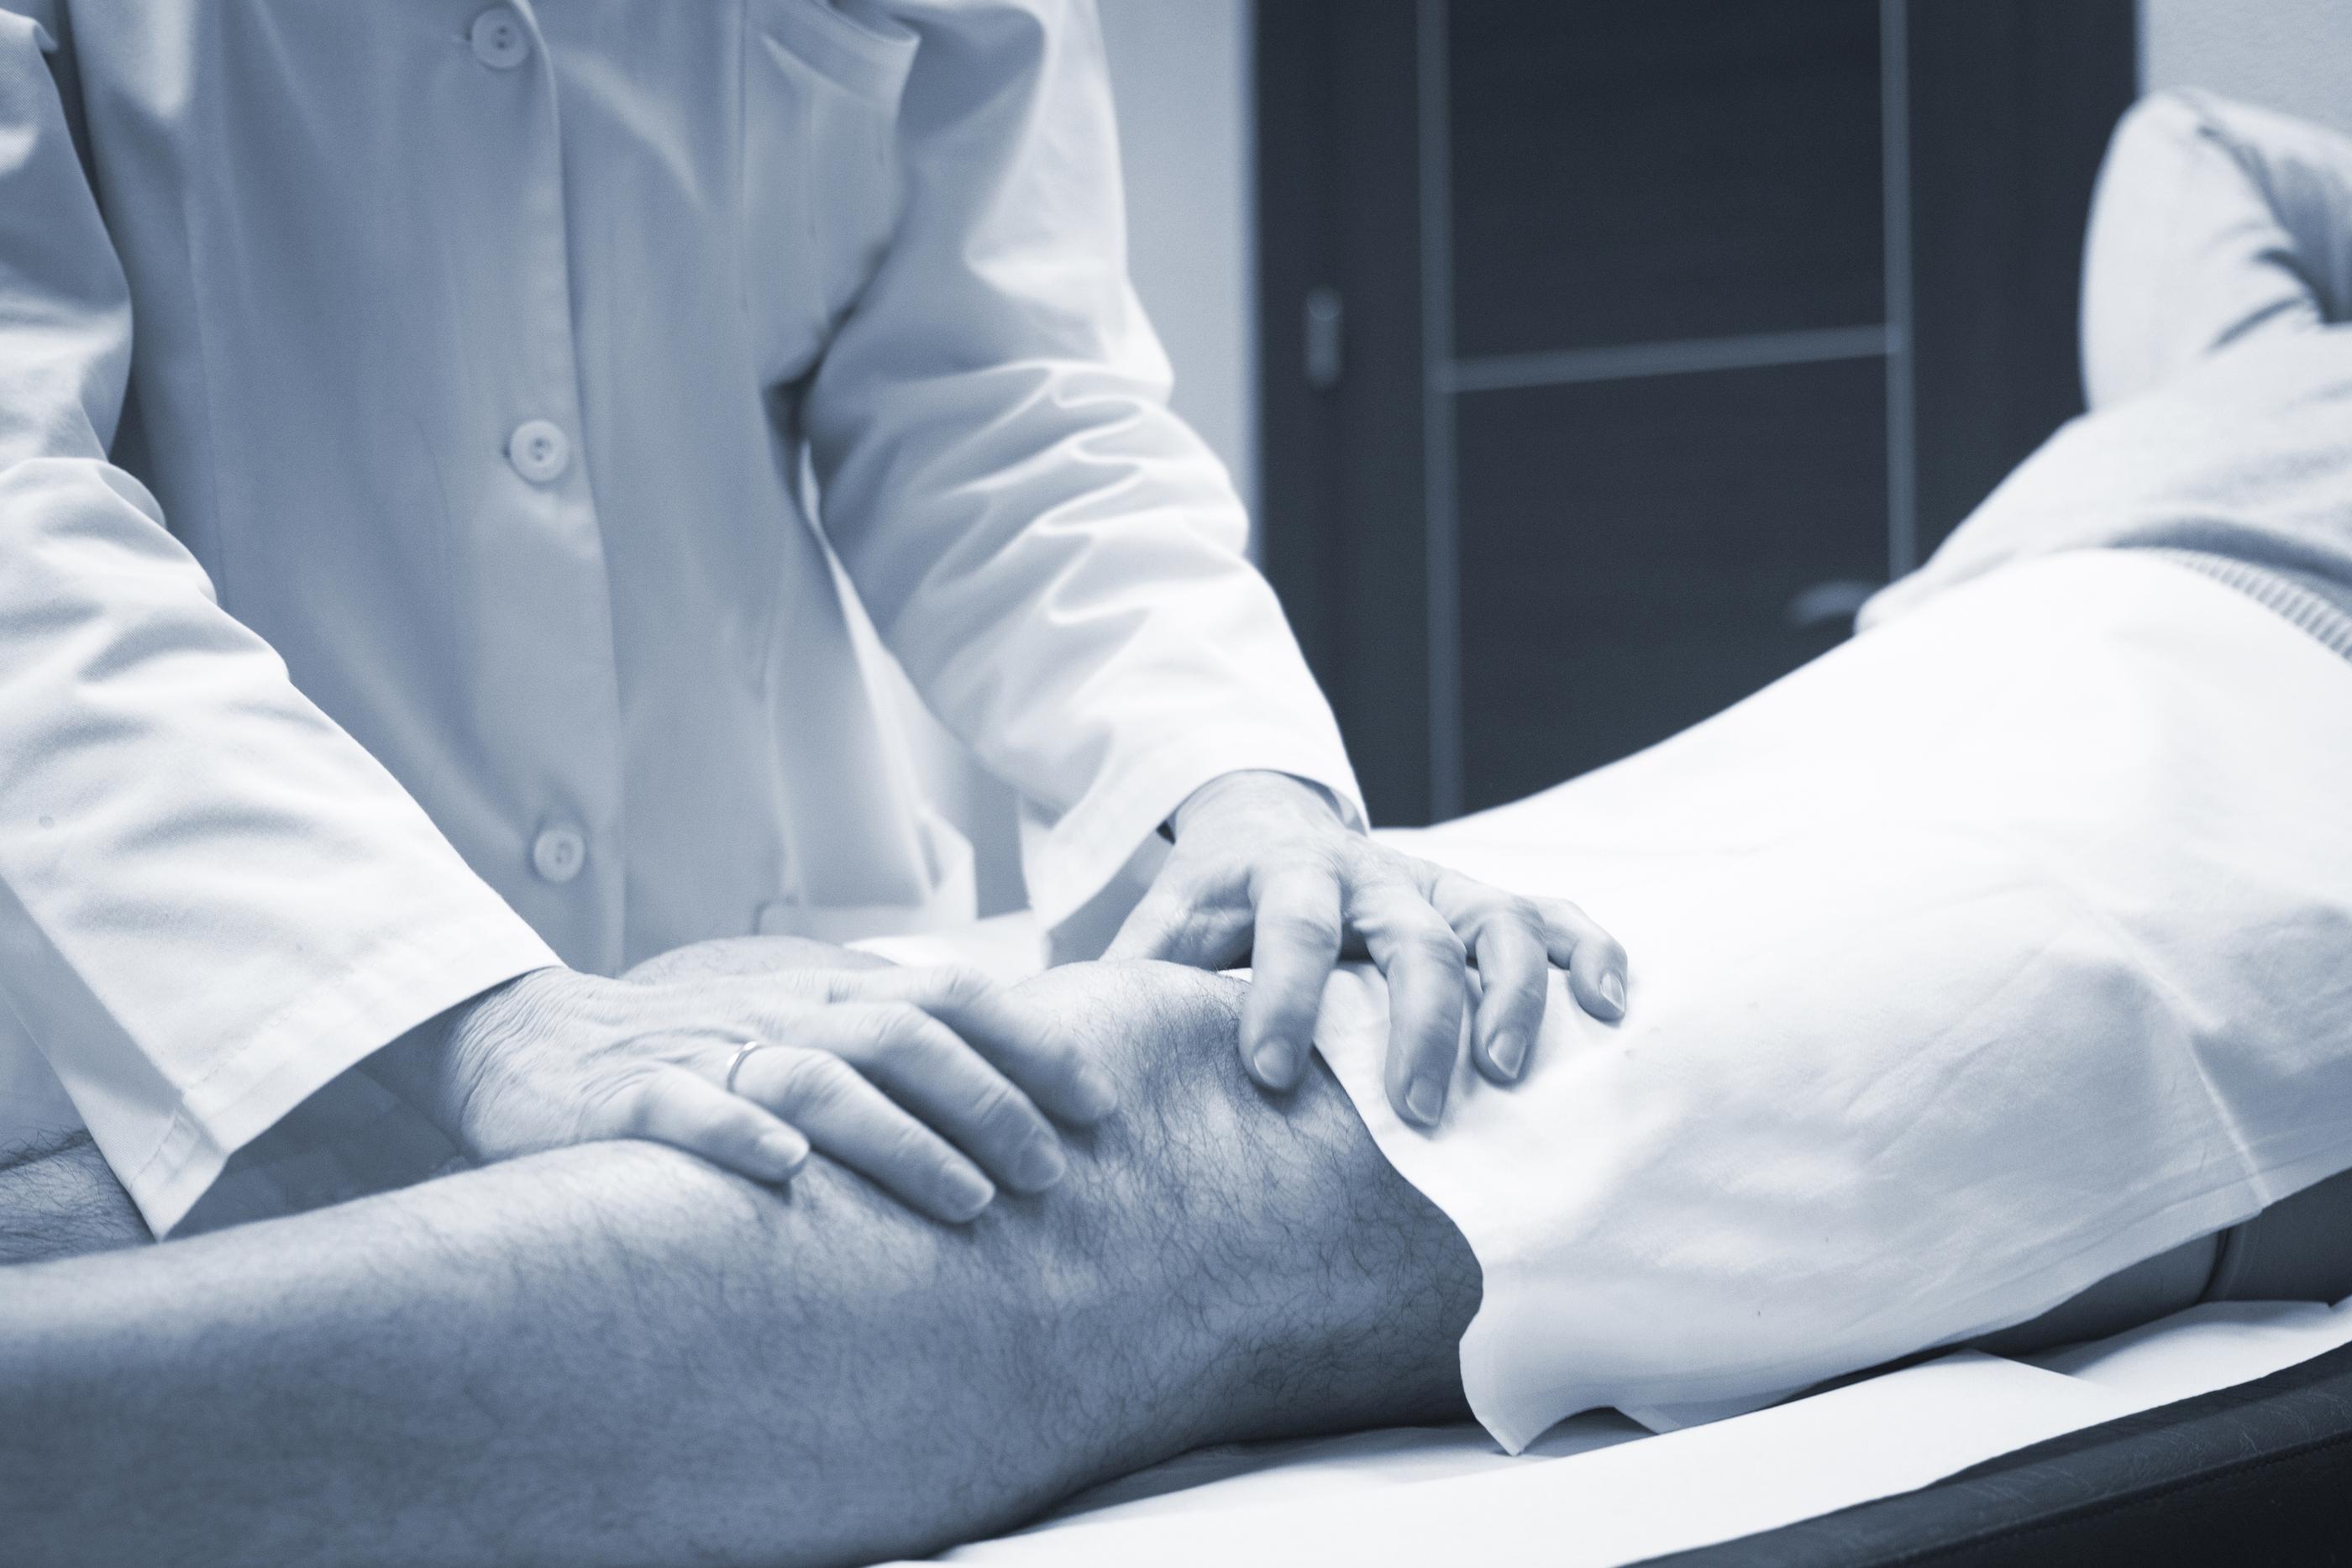 raumenų ir sąnarių skausmo įrankiai ką daryti jei sąnariai kenkia ant pirštų